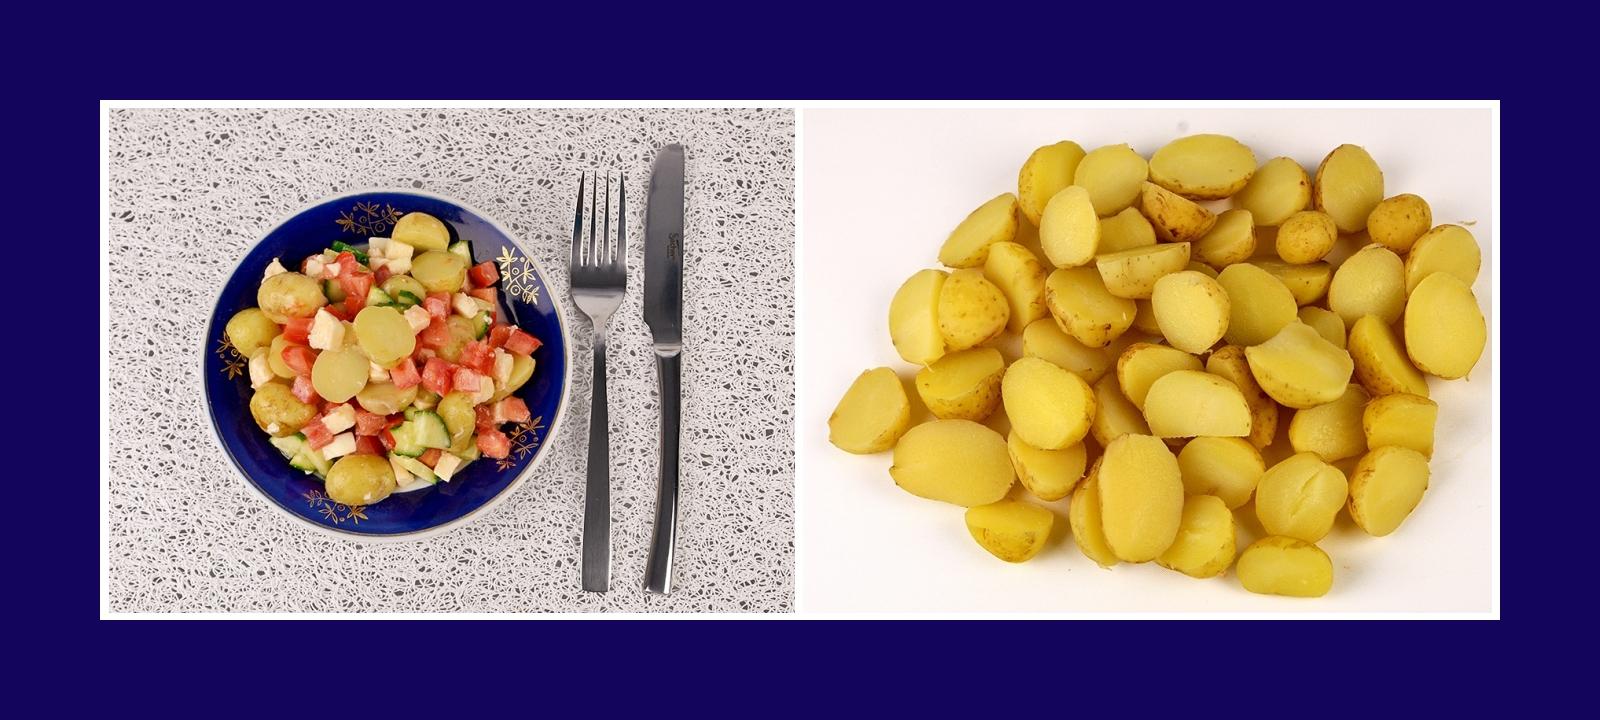 Frühkartoffeln für italienischen Salat mit Mozzarella